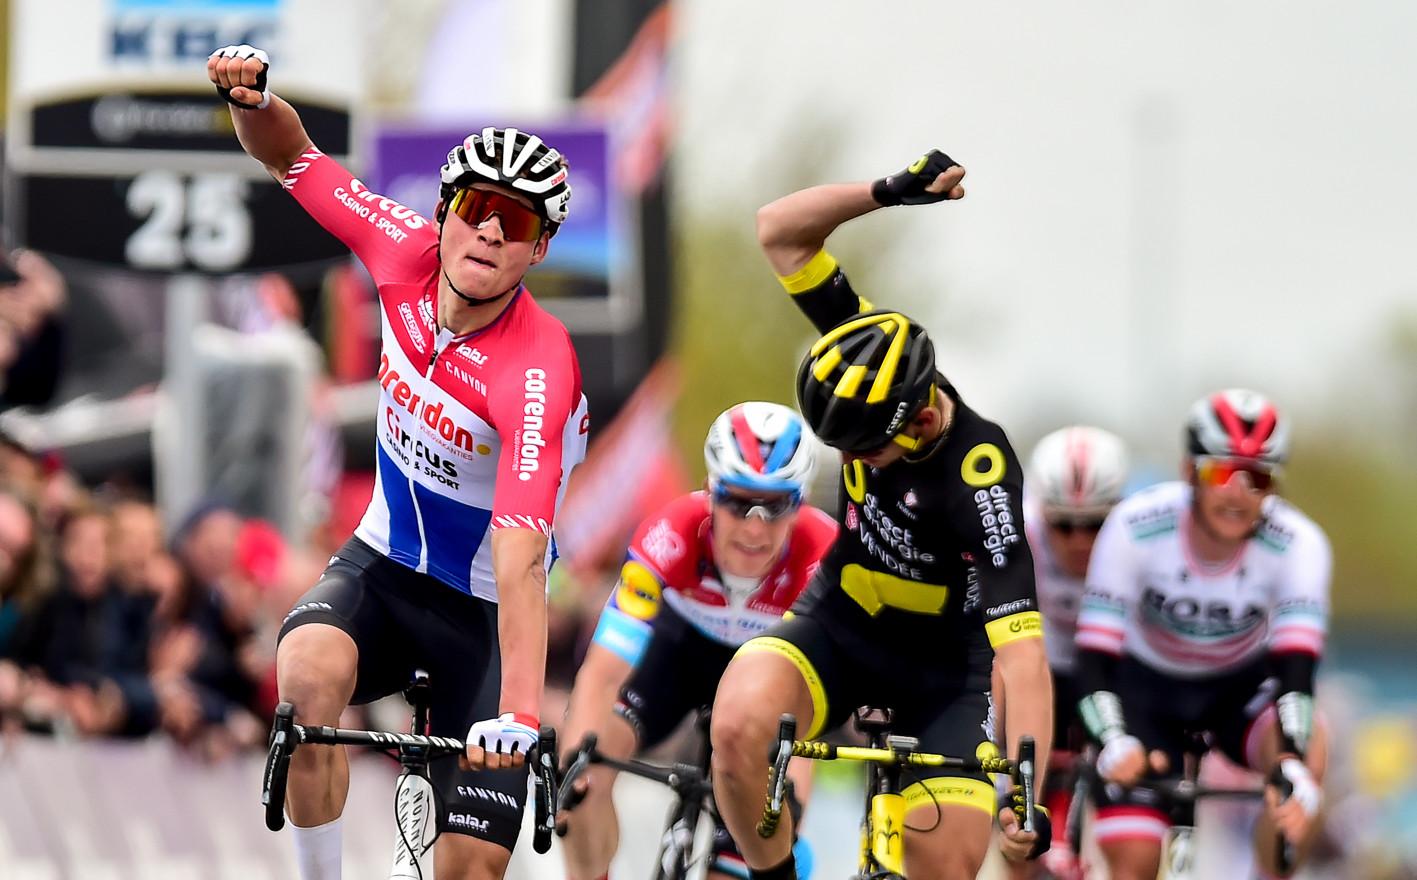 Mathieu van der Poel (NL/Corendon) wins Dwars door Vlaanderen 2019.